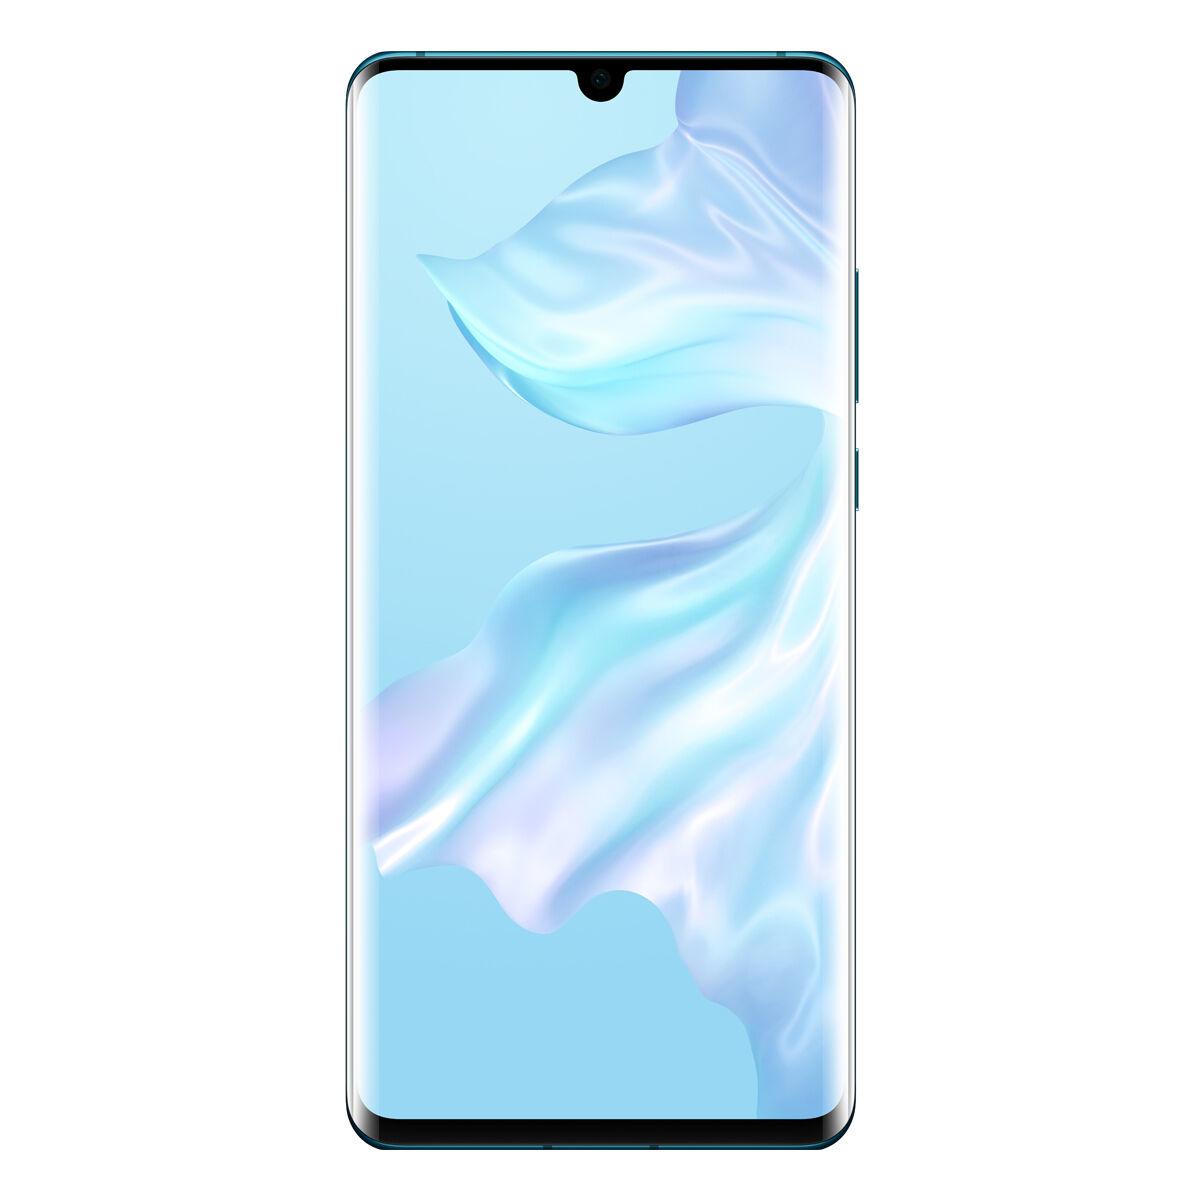 Huawei  - Huawei P30 Pro Mystic Blue